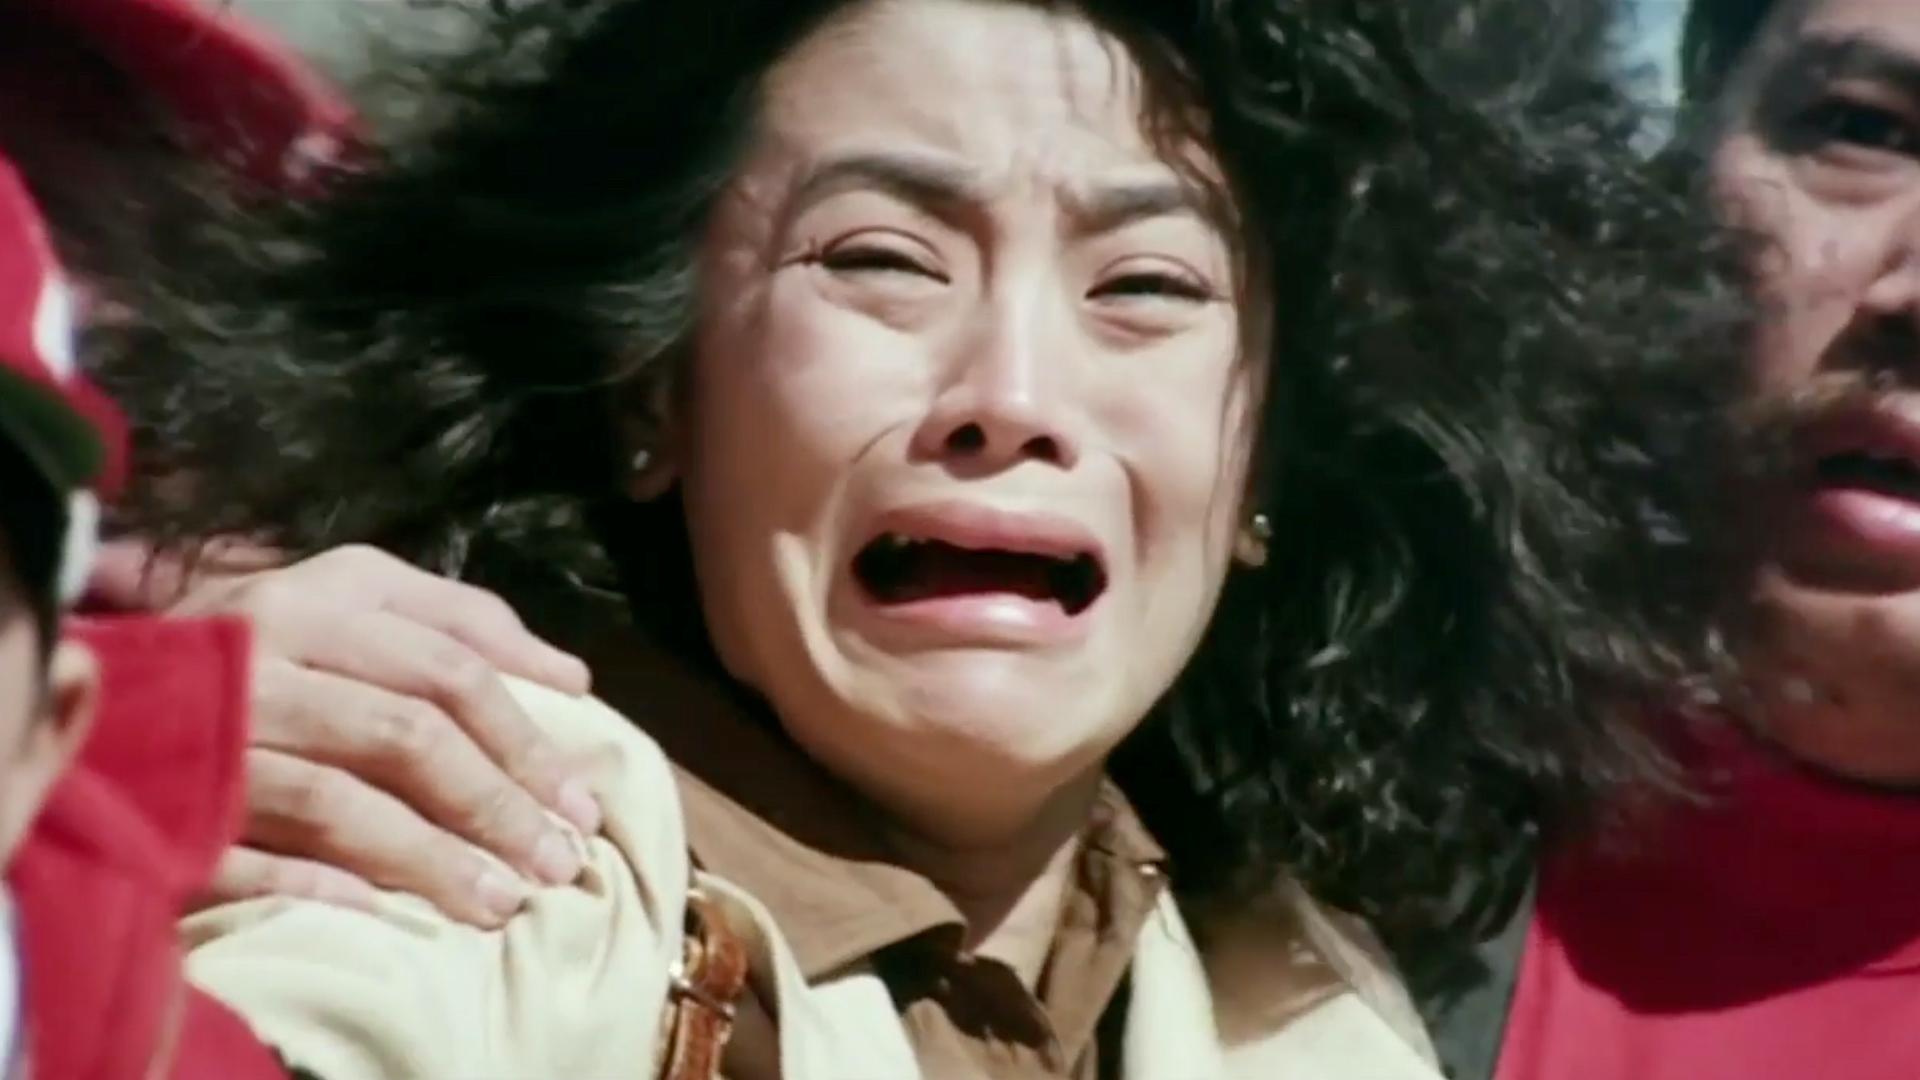 林志炫翻唱《你的样子》,这般撕心裂肺,让人百听不厌